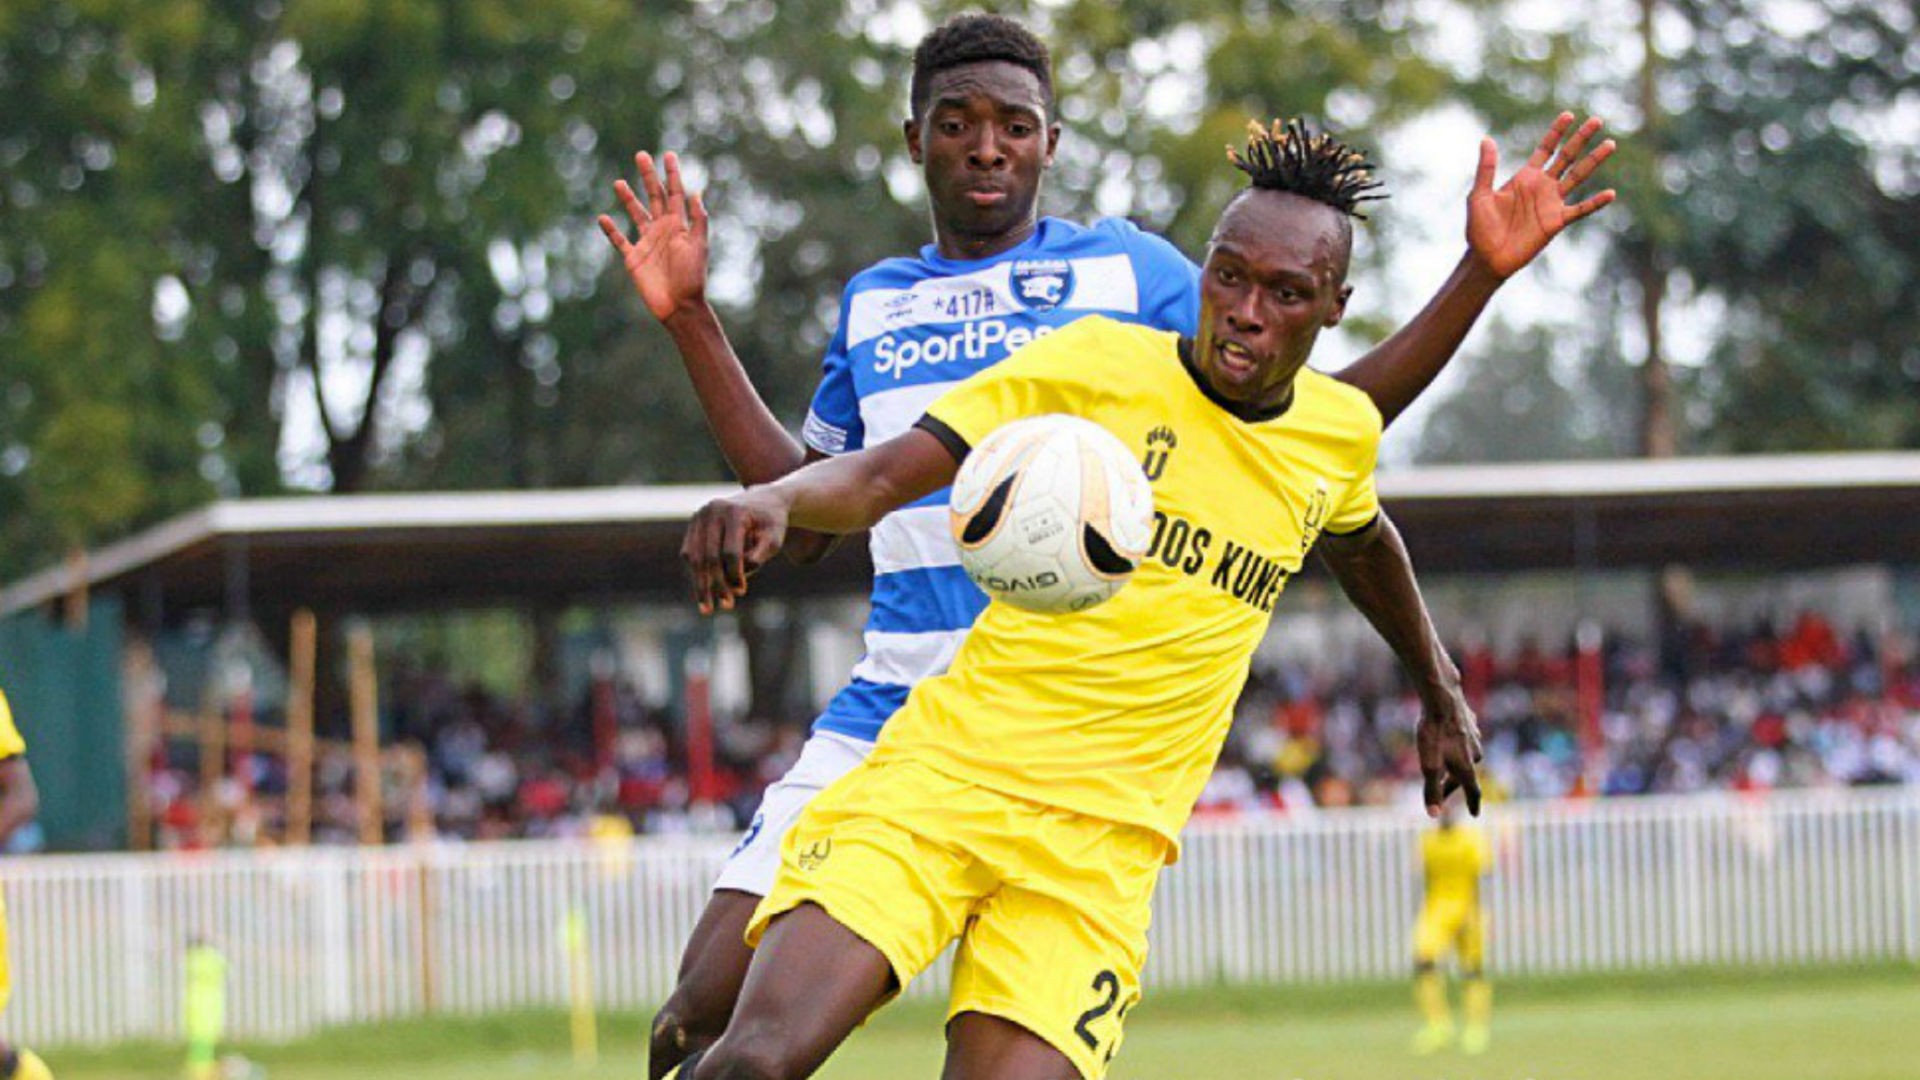 Wazito FC 0-1 AFC Leopards: Makwatta's penalty hands Ingwe first win